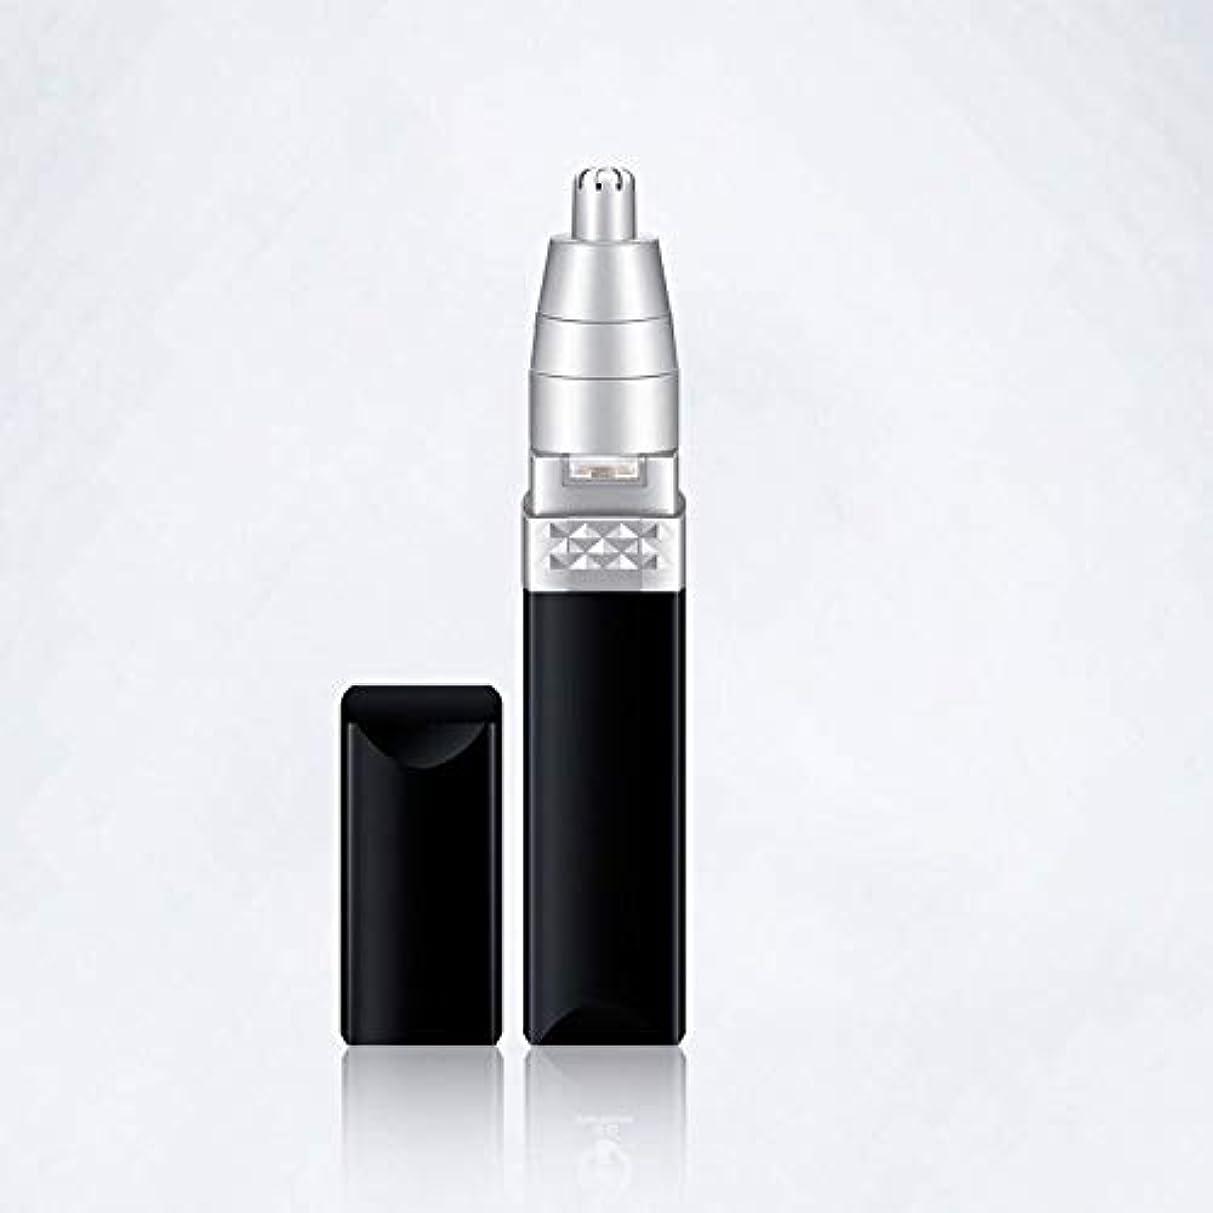 ノーズヘアトリマー-電気トリムヘッドは持ち運びが簡単で、/皮膚を傷つけません/赤外線デザインコンパクトで軽量な隠しスイッチ/持ち運びが簡単な取り外し可能なボディ/ 24 * 26 * 107CM 持つ価値があります